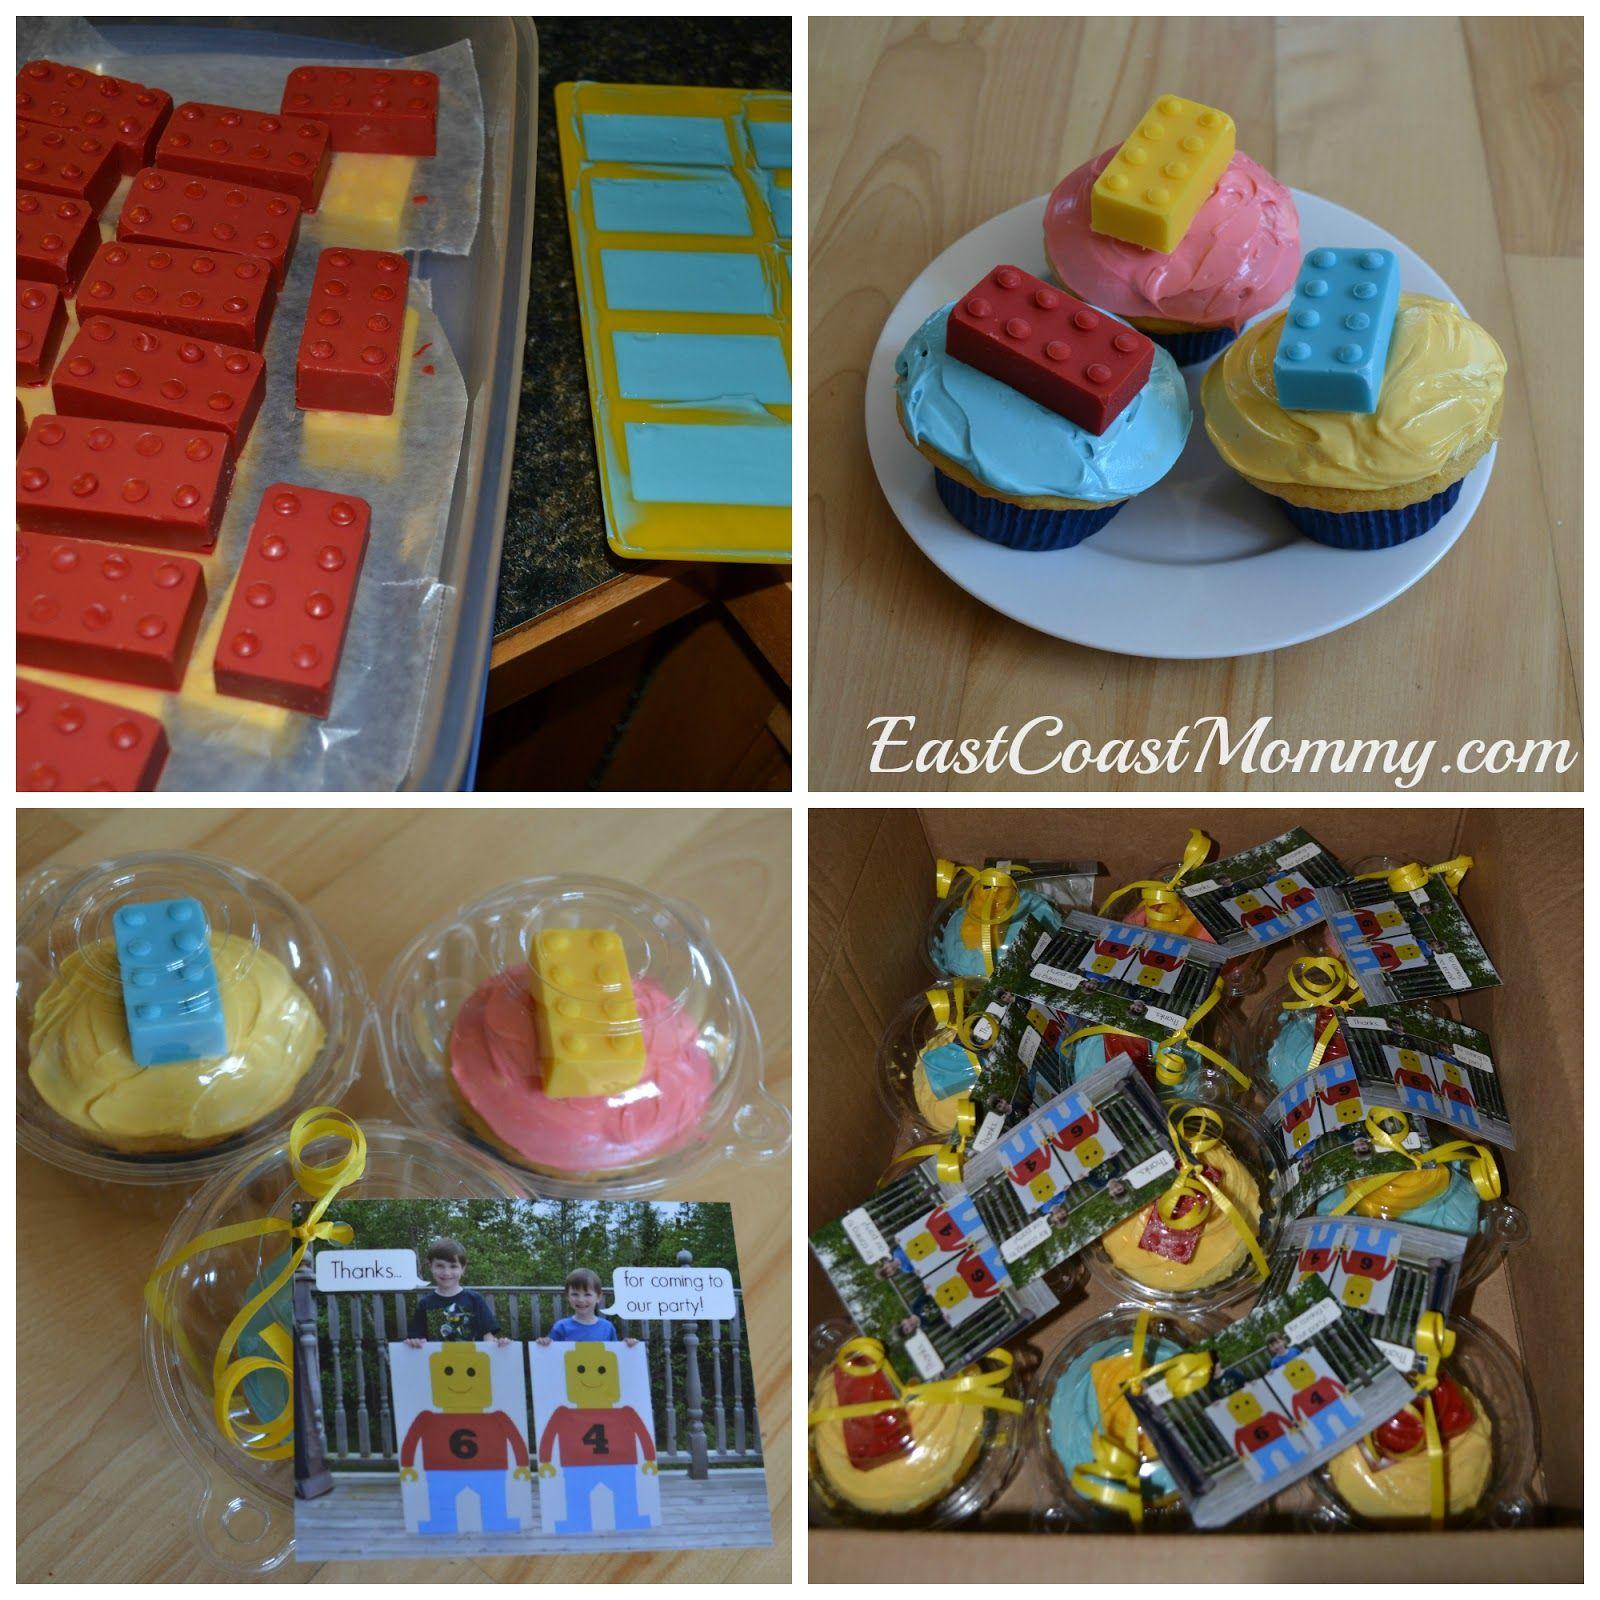 2.bp.blogspot.com -Bv6jrolutXM UjtU0BPUiFI AAAAAAAAFwE 4hjBnqsP9is s1600 LEGO+cupcake+loot+bags.jpg